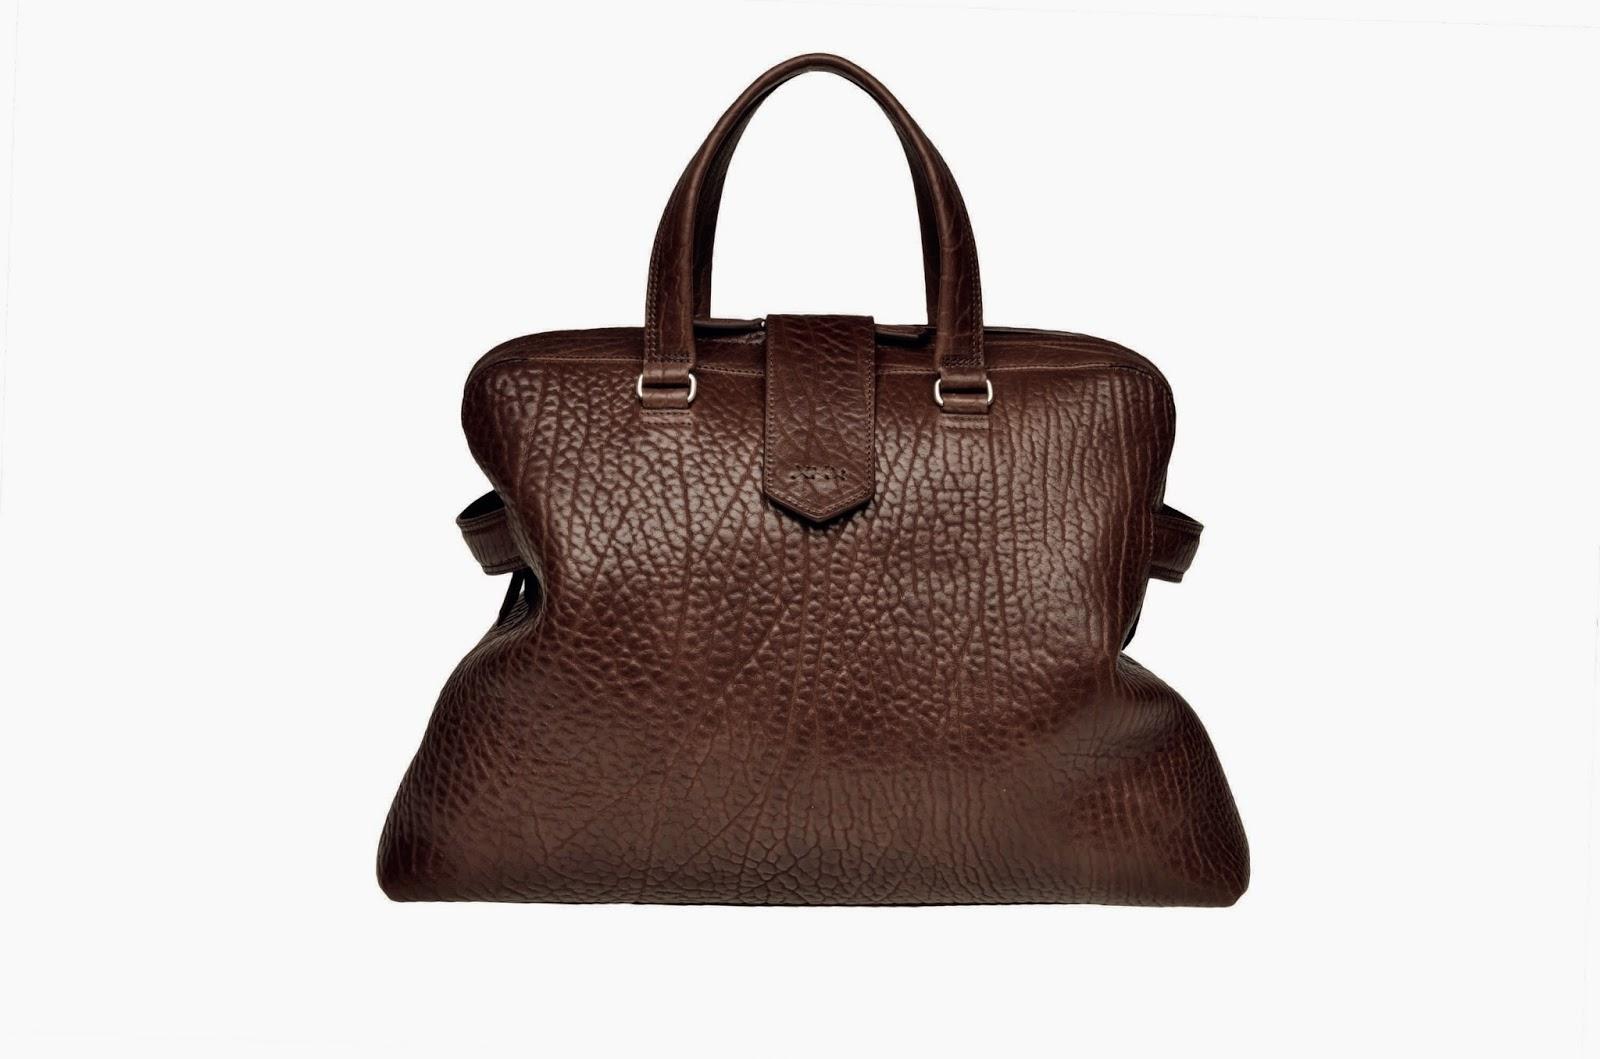 Ermenegildo Zegna AW 2014 Handbags For Men